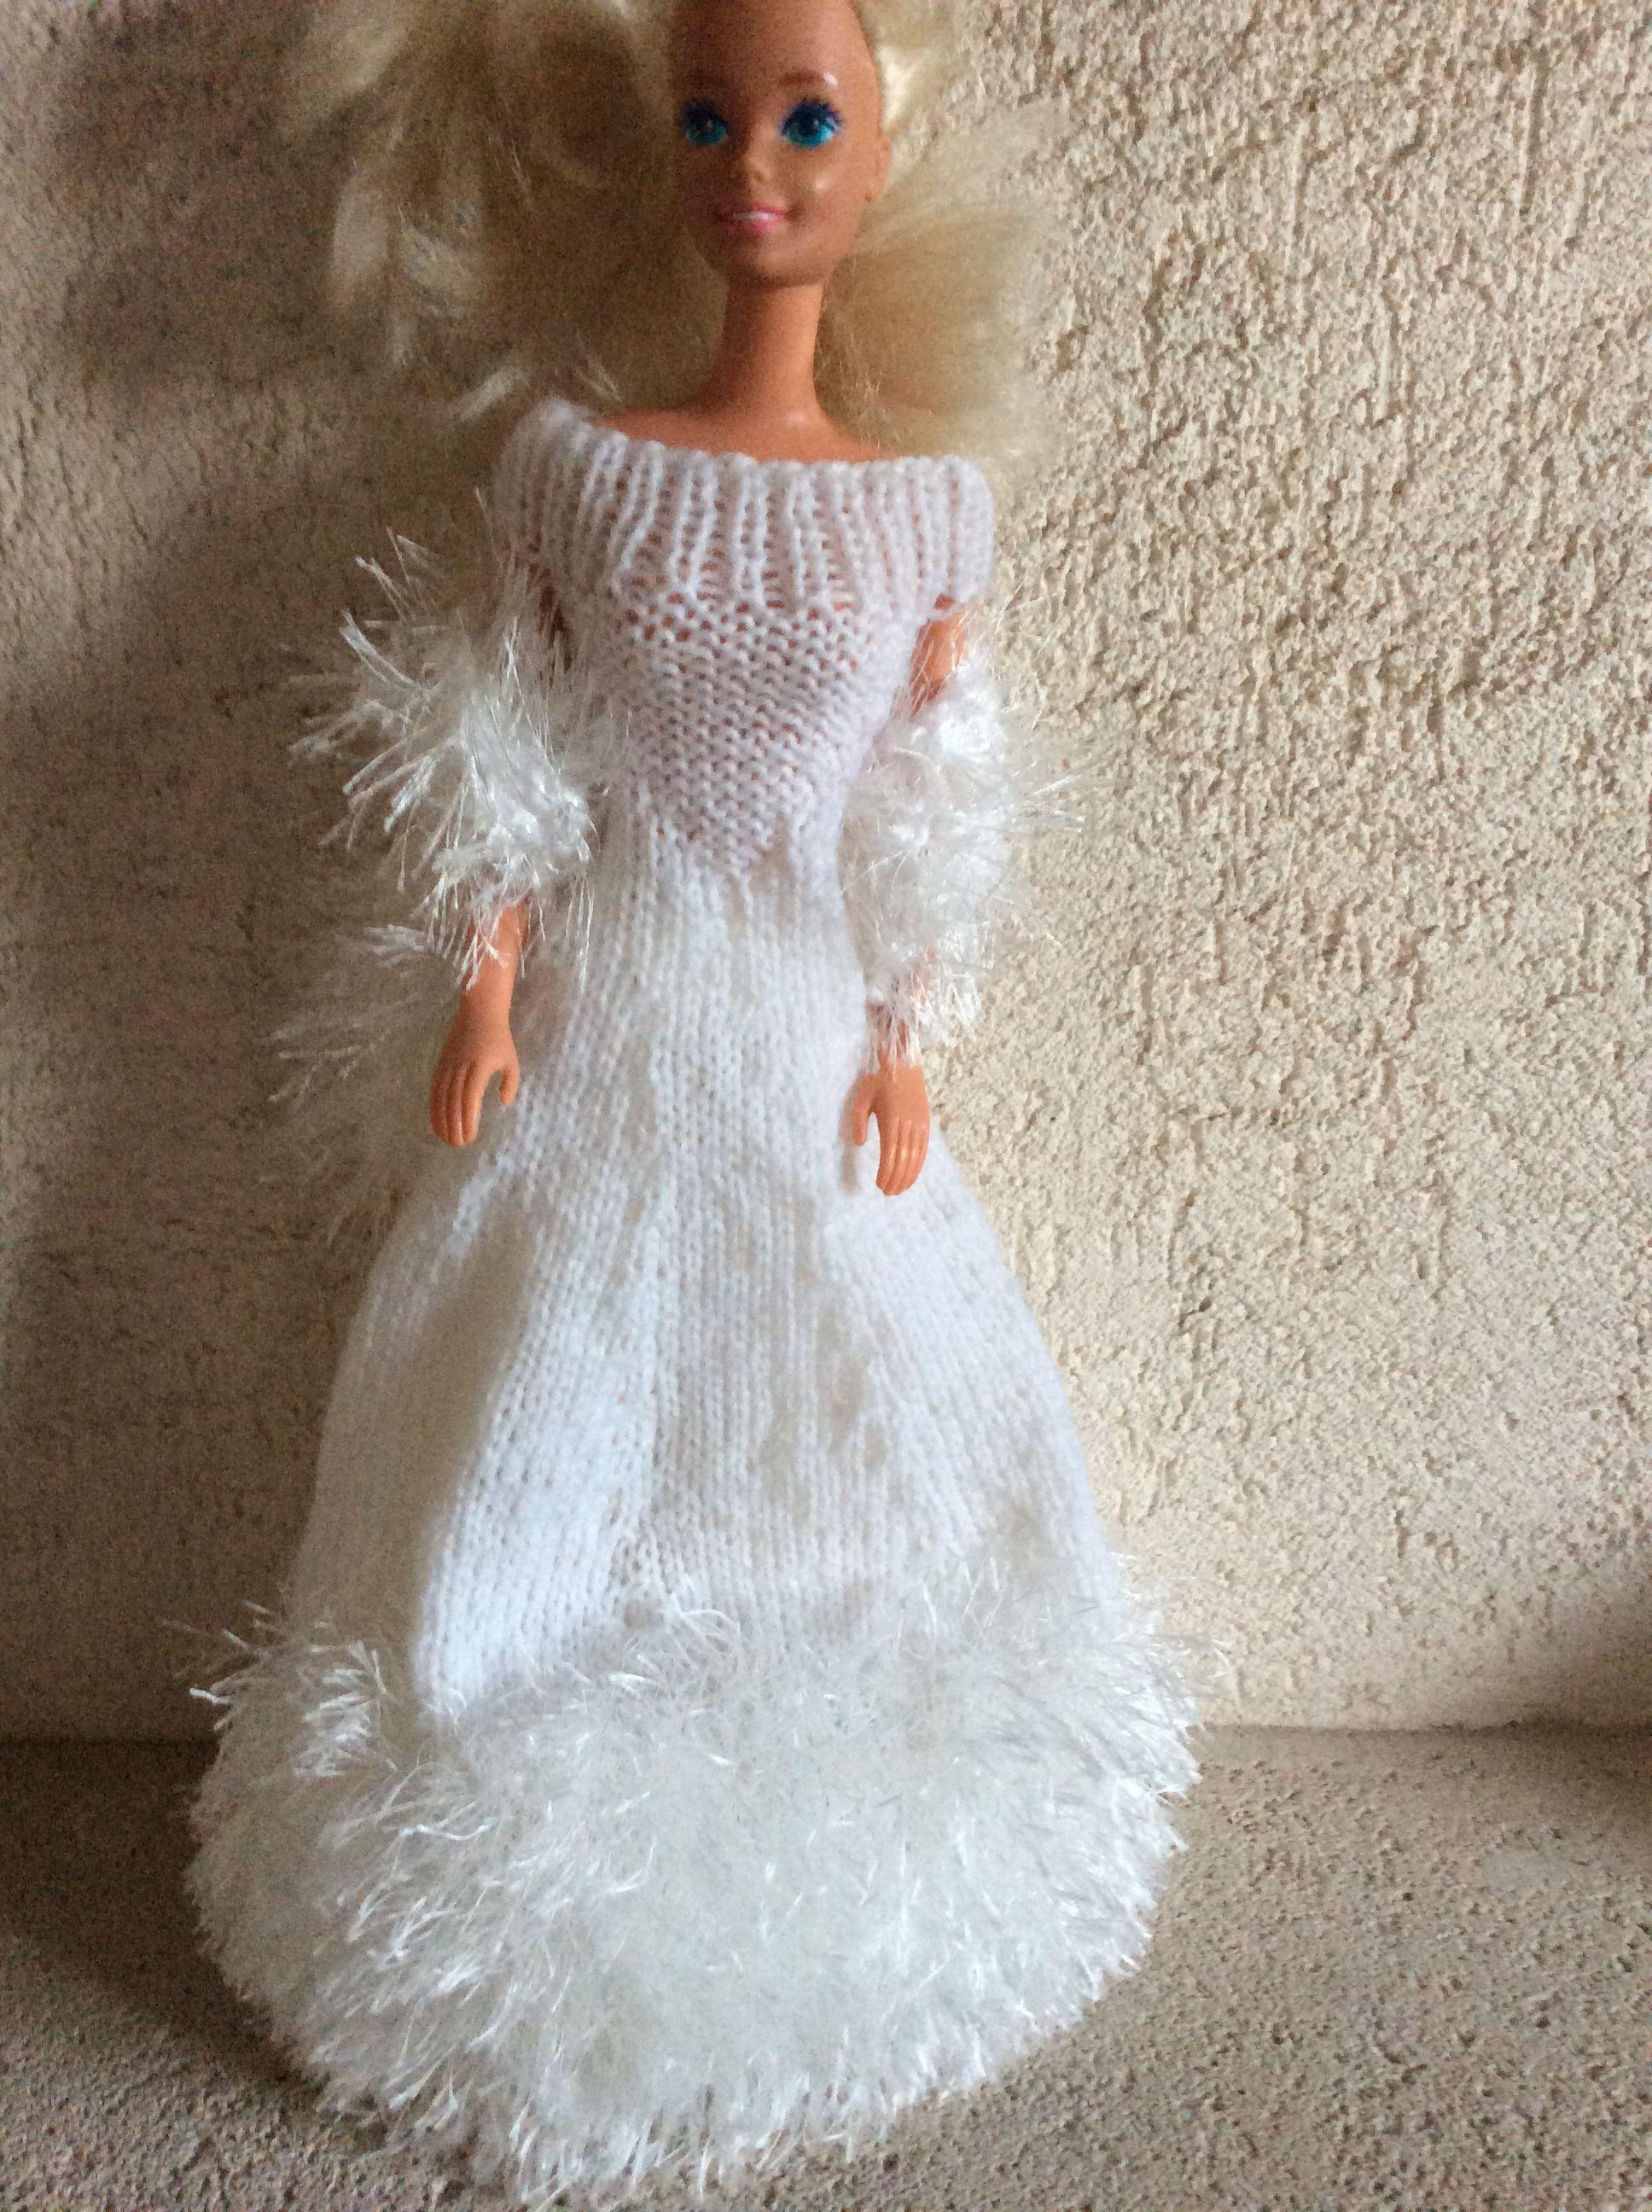 Vetements pour poupee barbie fait main - Barbie mariee ...